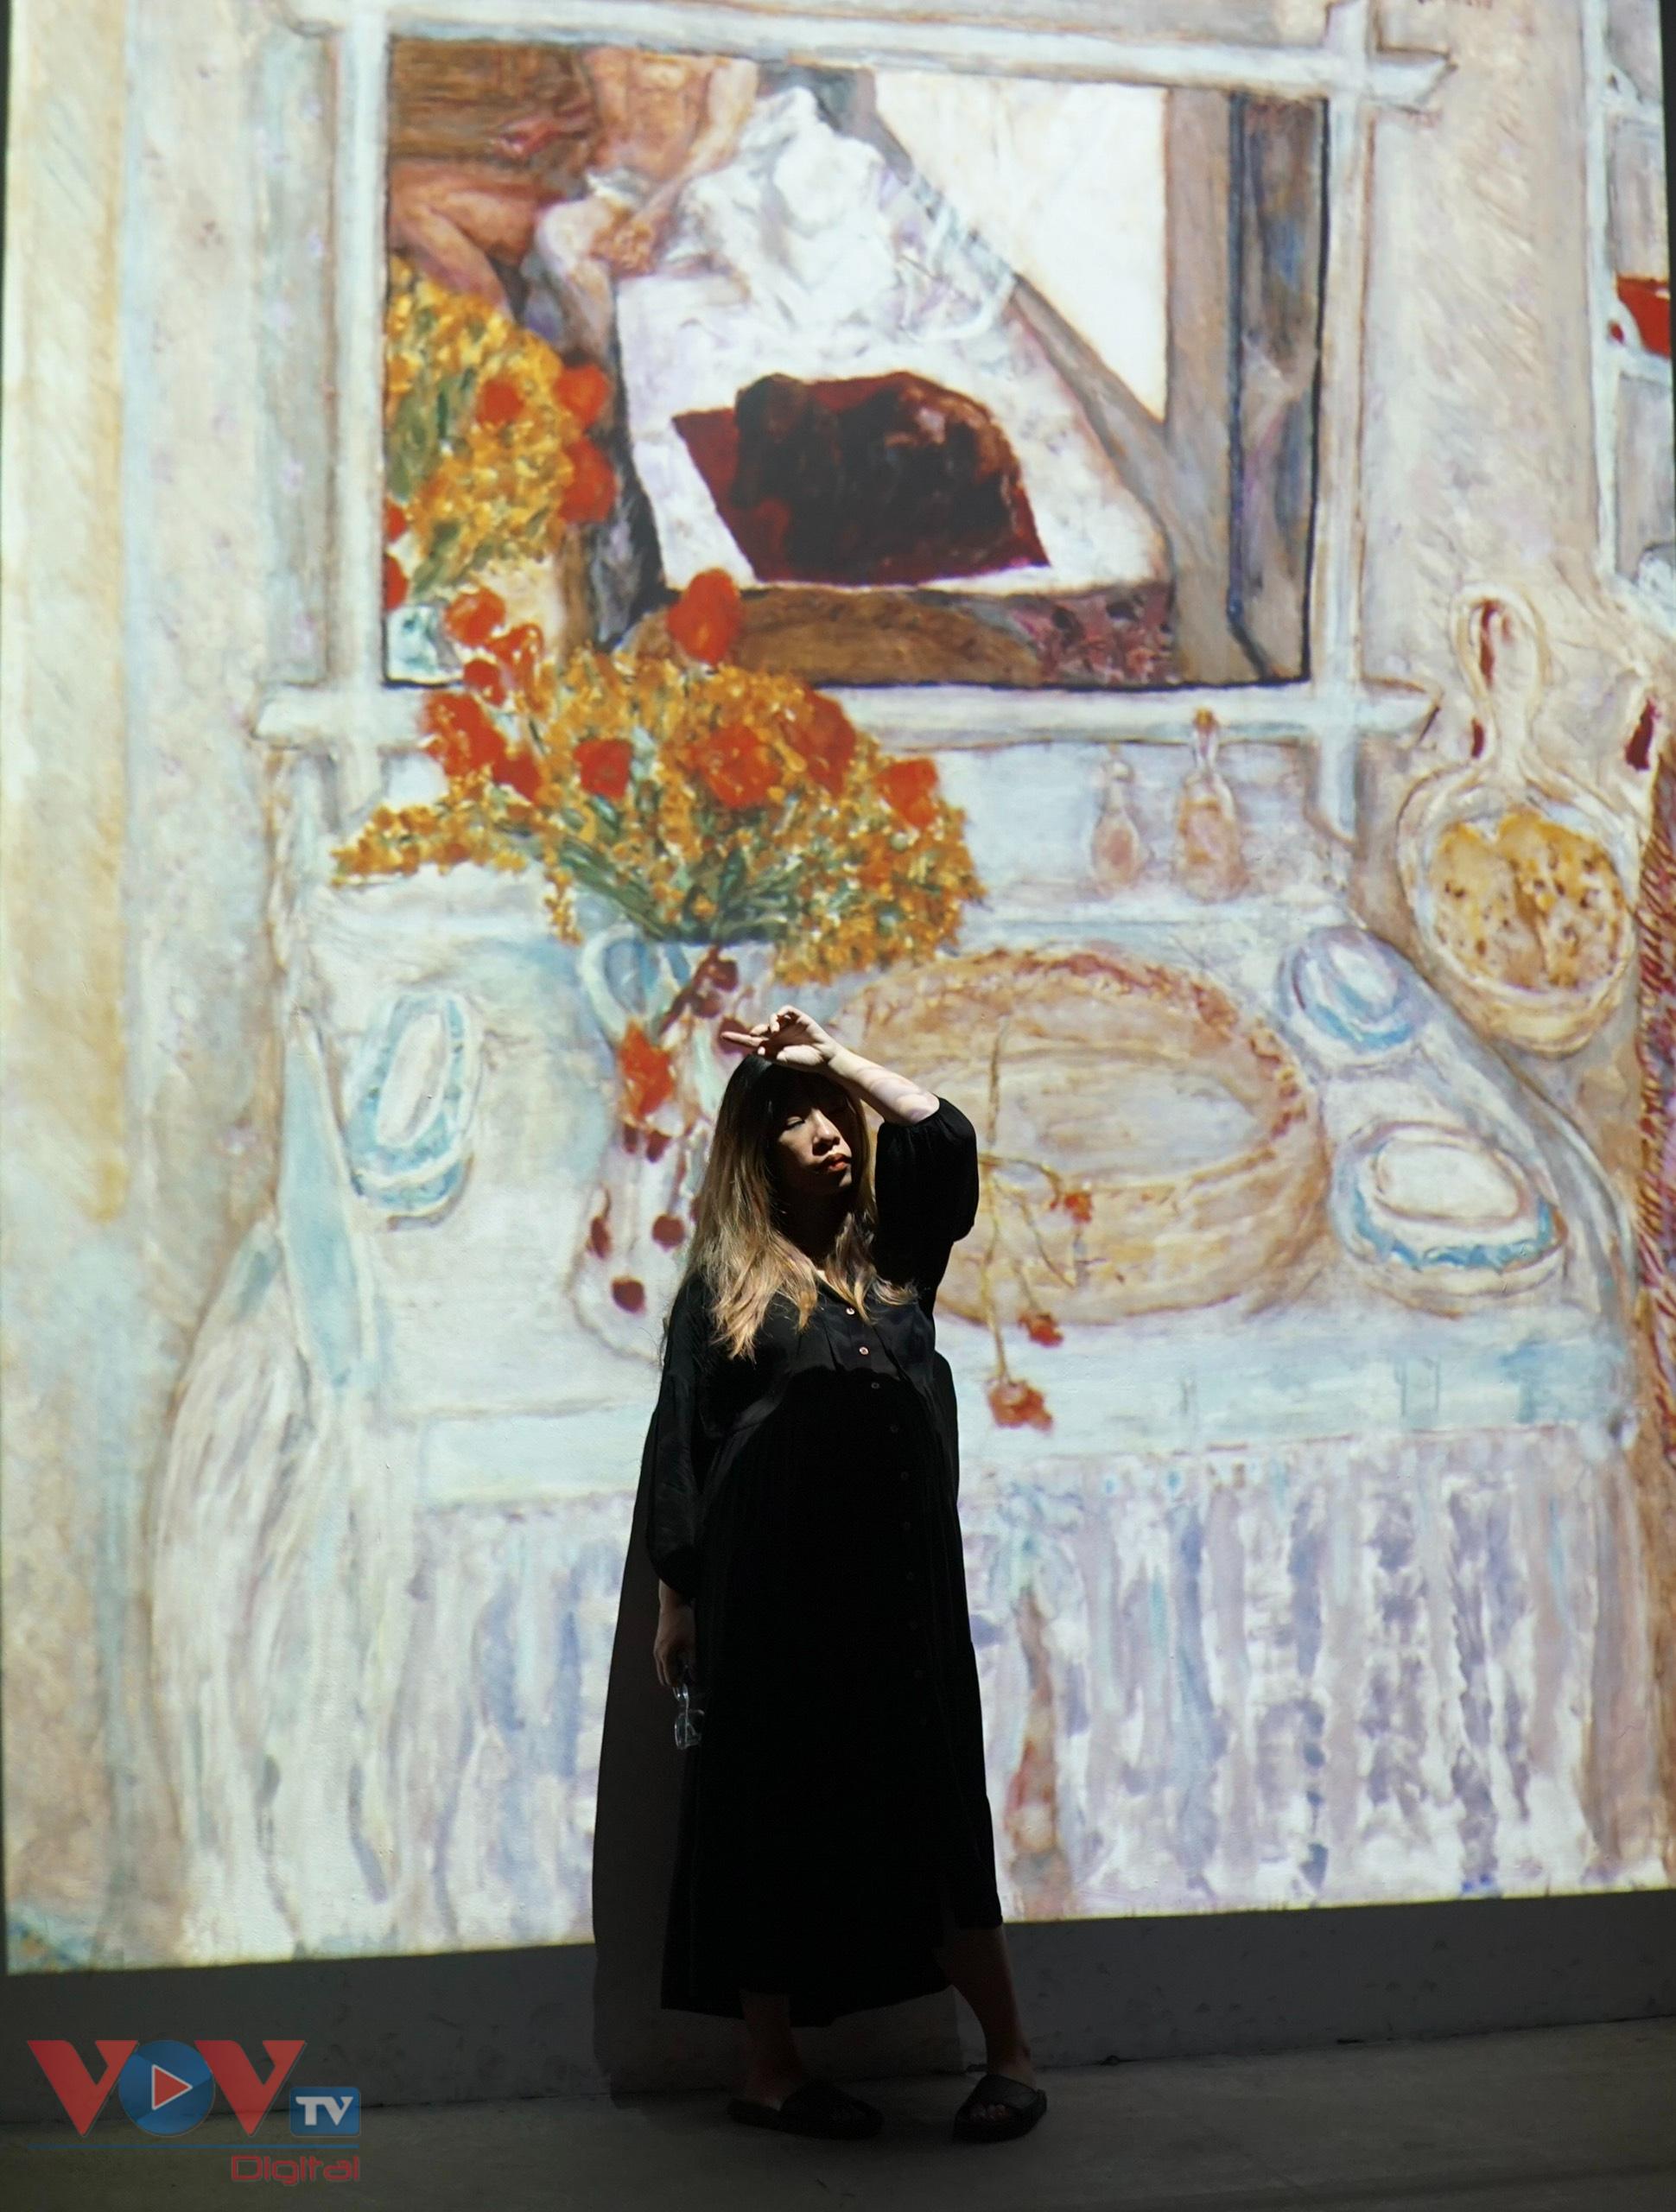 'Lặng yên rực rỡ': Cuộc chu du trong thế giới nghệ thuật - Ảnh 3.